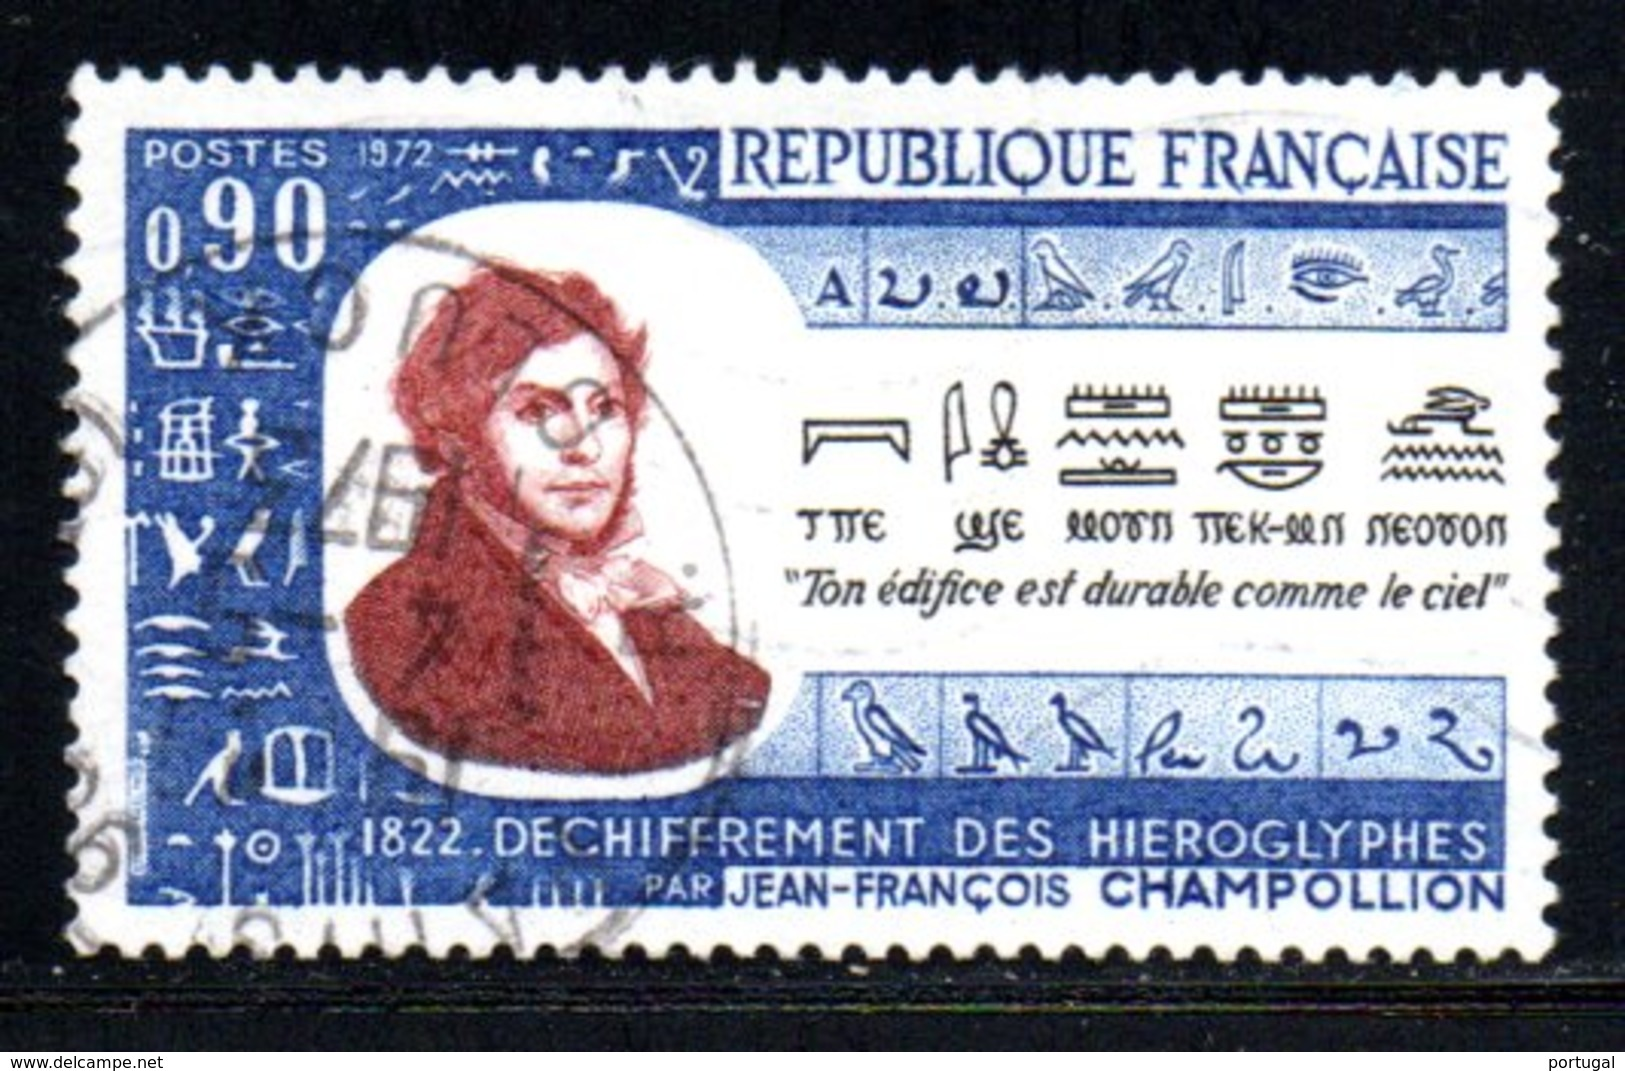 N° 1734 - 1972 - France